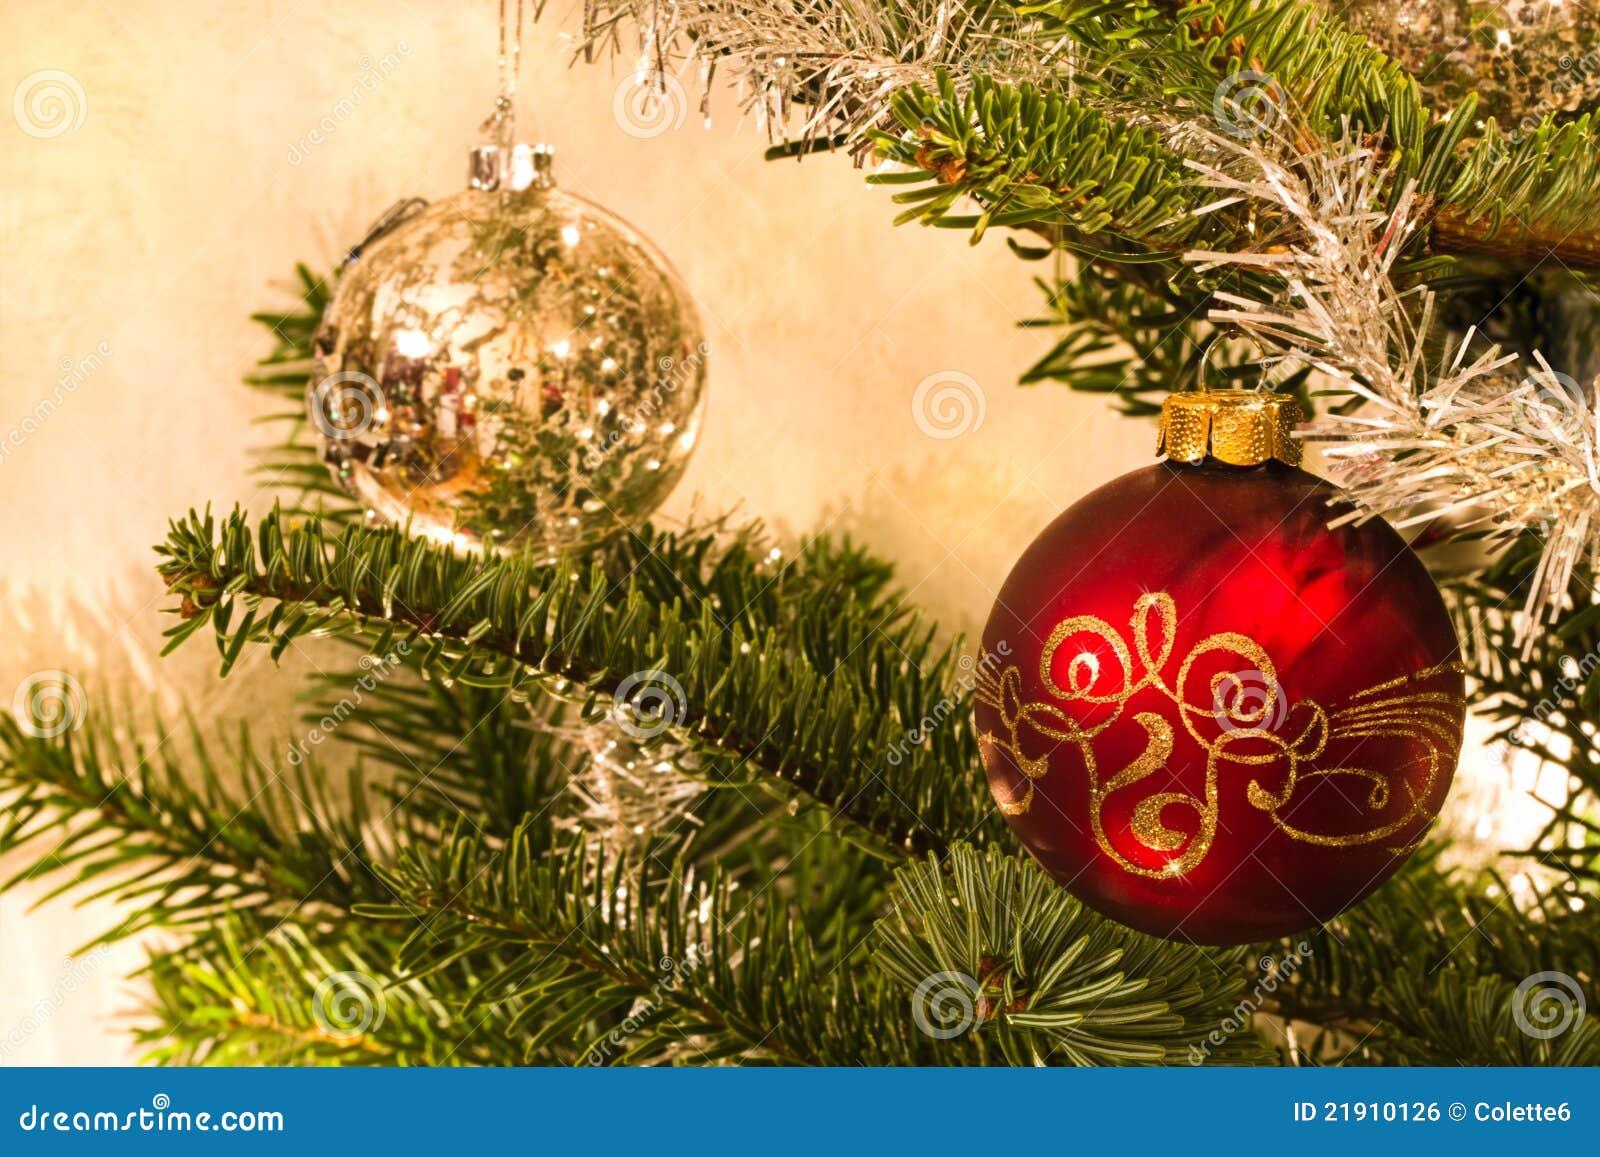 Bolas rojas y de plata en rbol de navidad imagen de for Arbol de navidad con bolas rojas